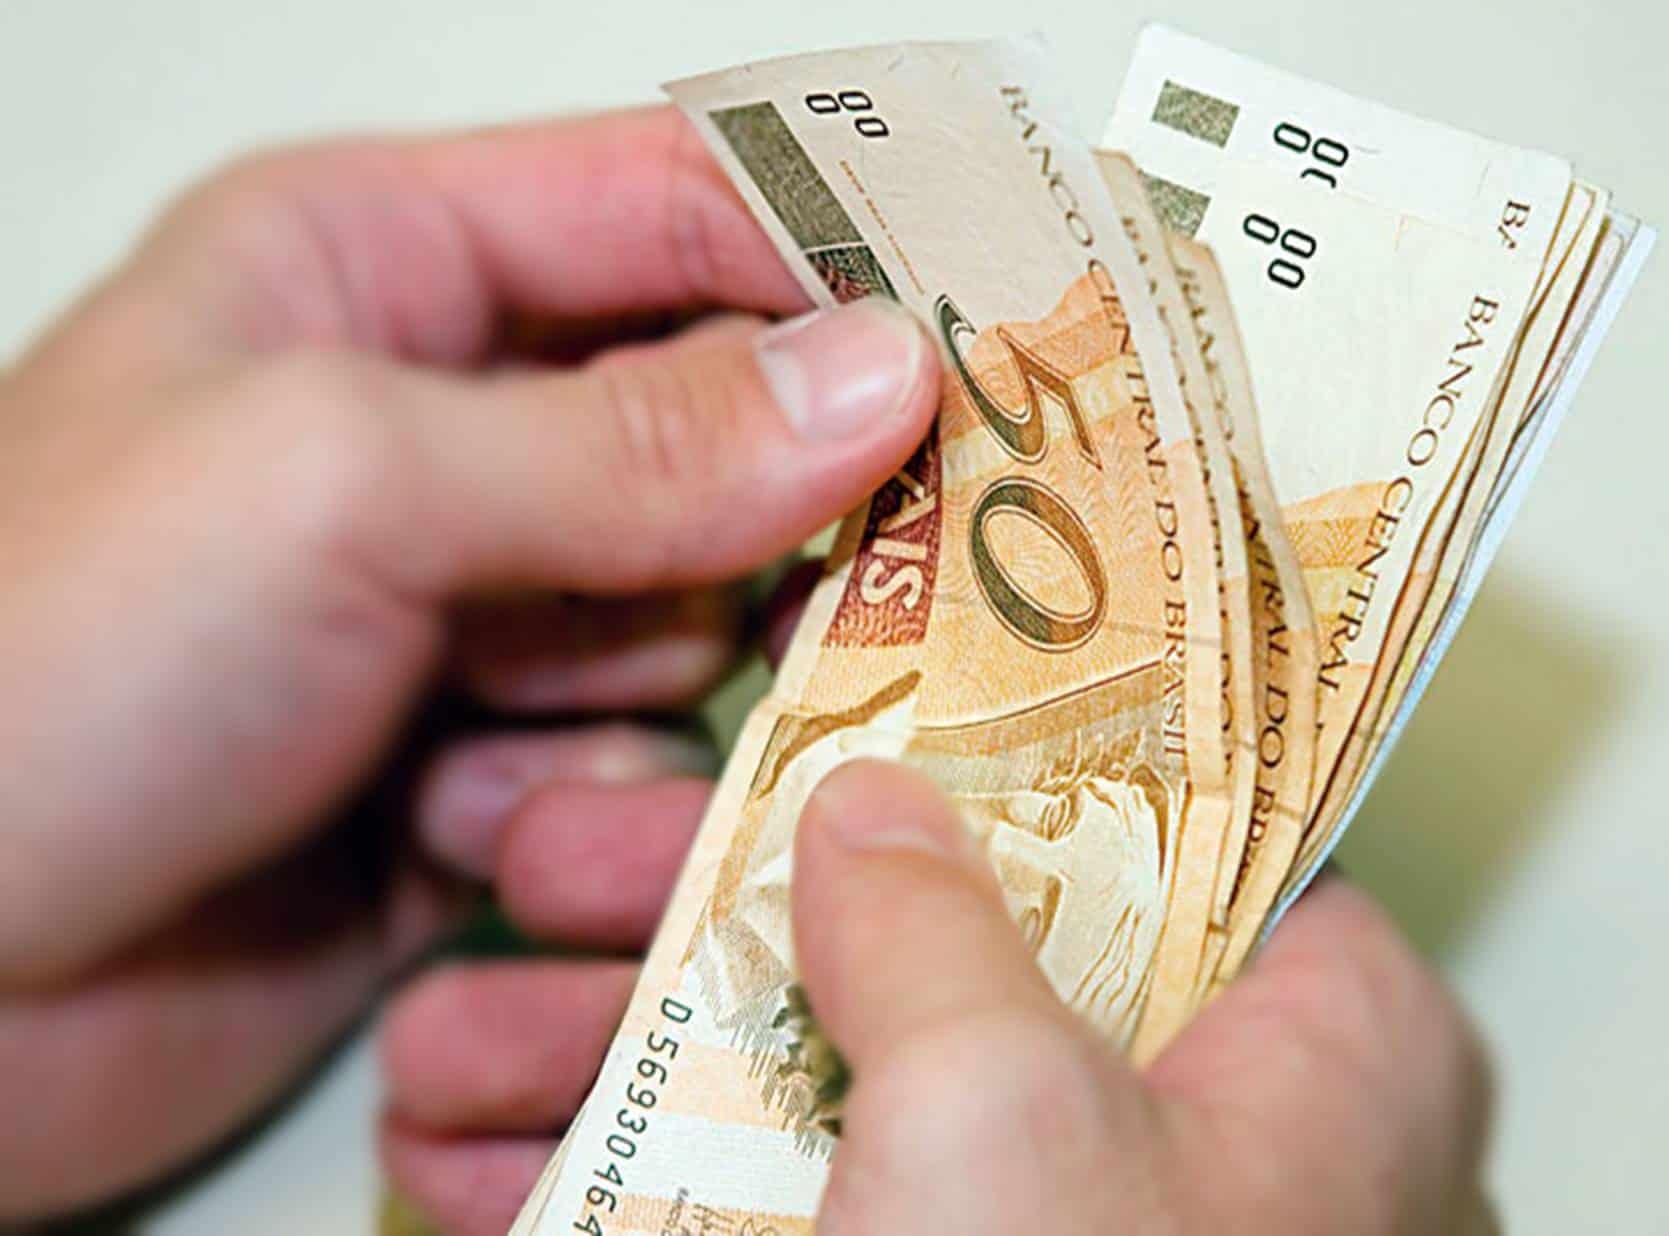 Proposta cria novo benefício mensal de R$ 800 reais: saiba quem terá direito